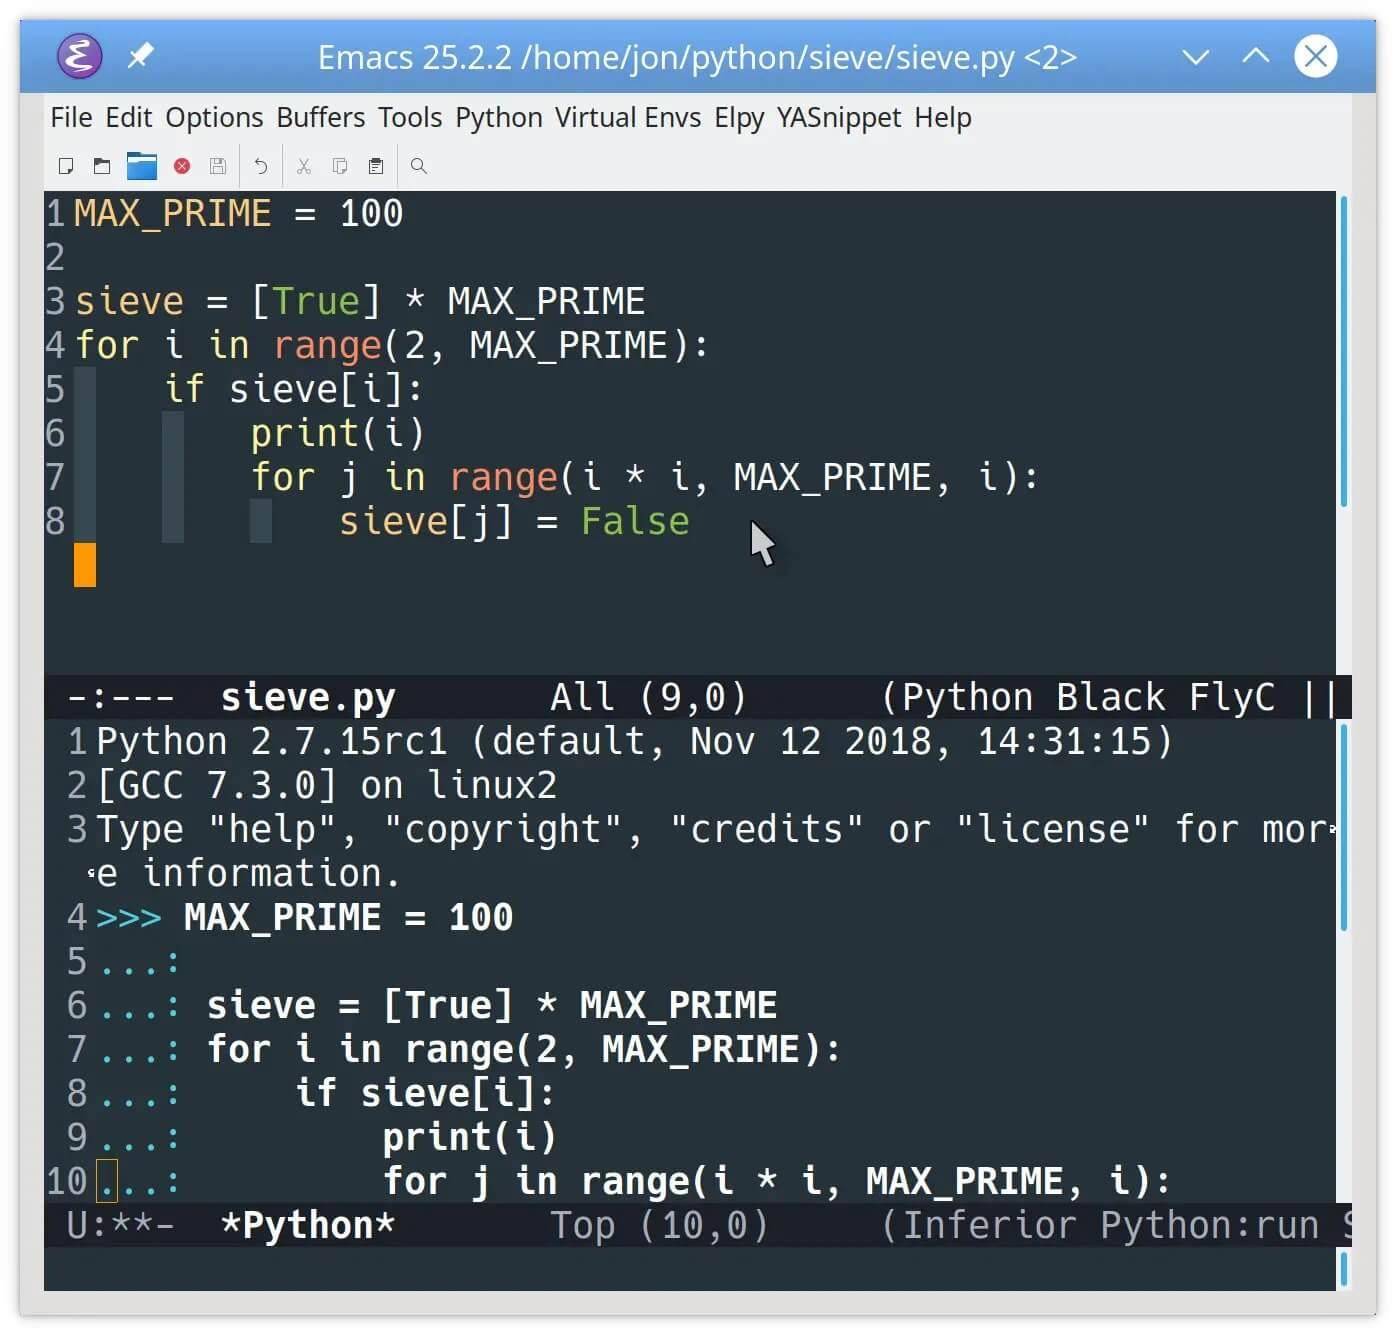 Best IDE for Flutter - Emacs